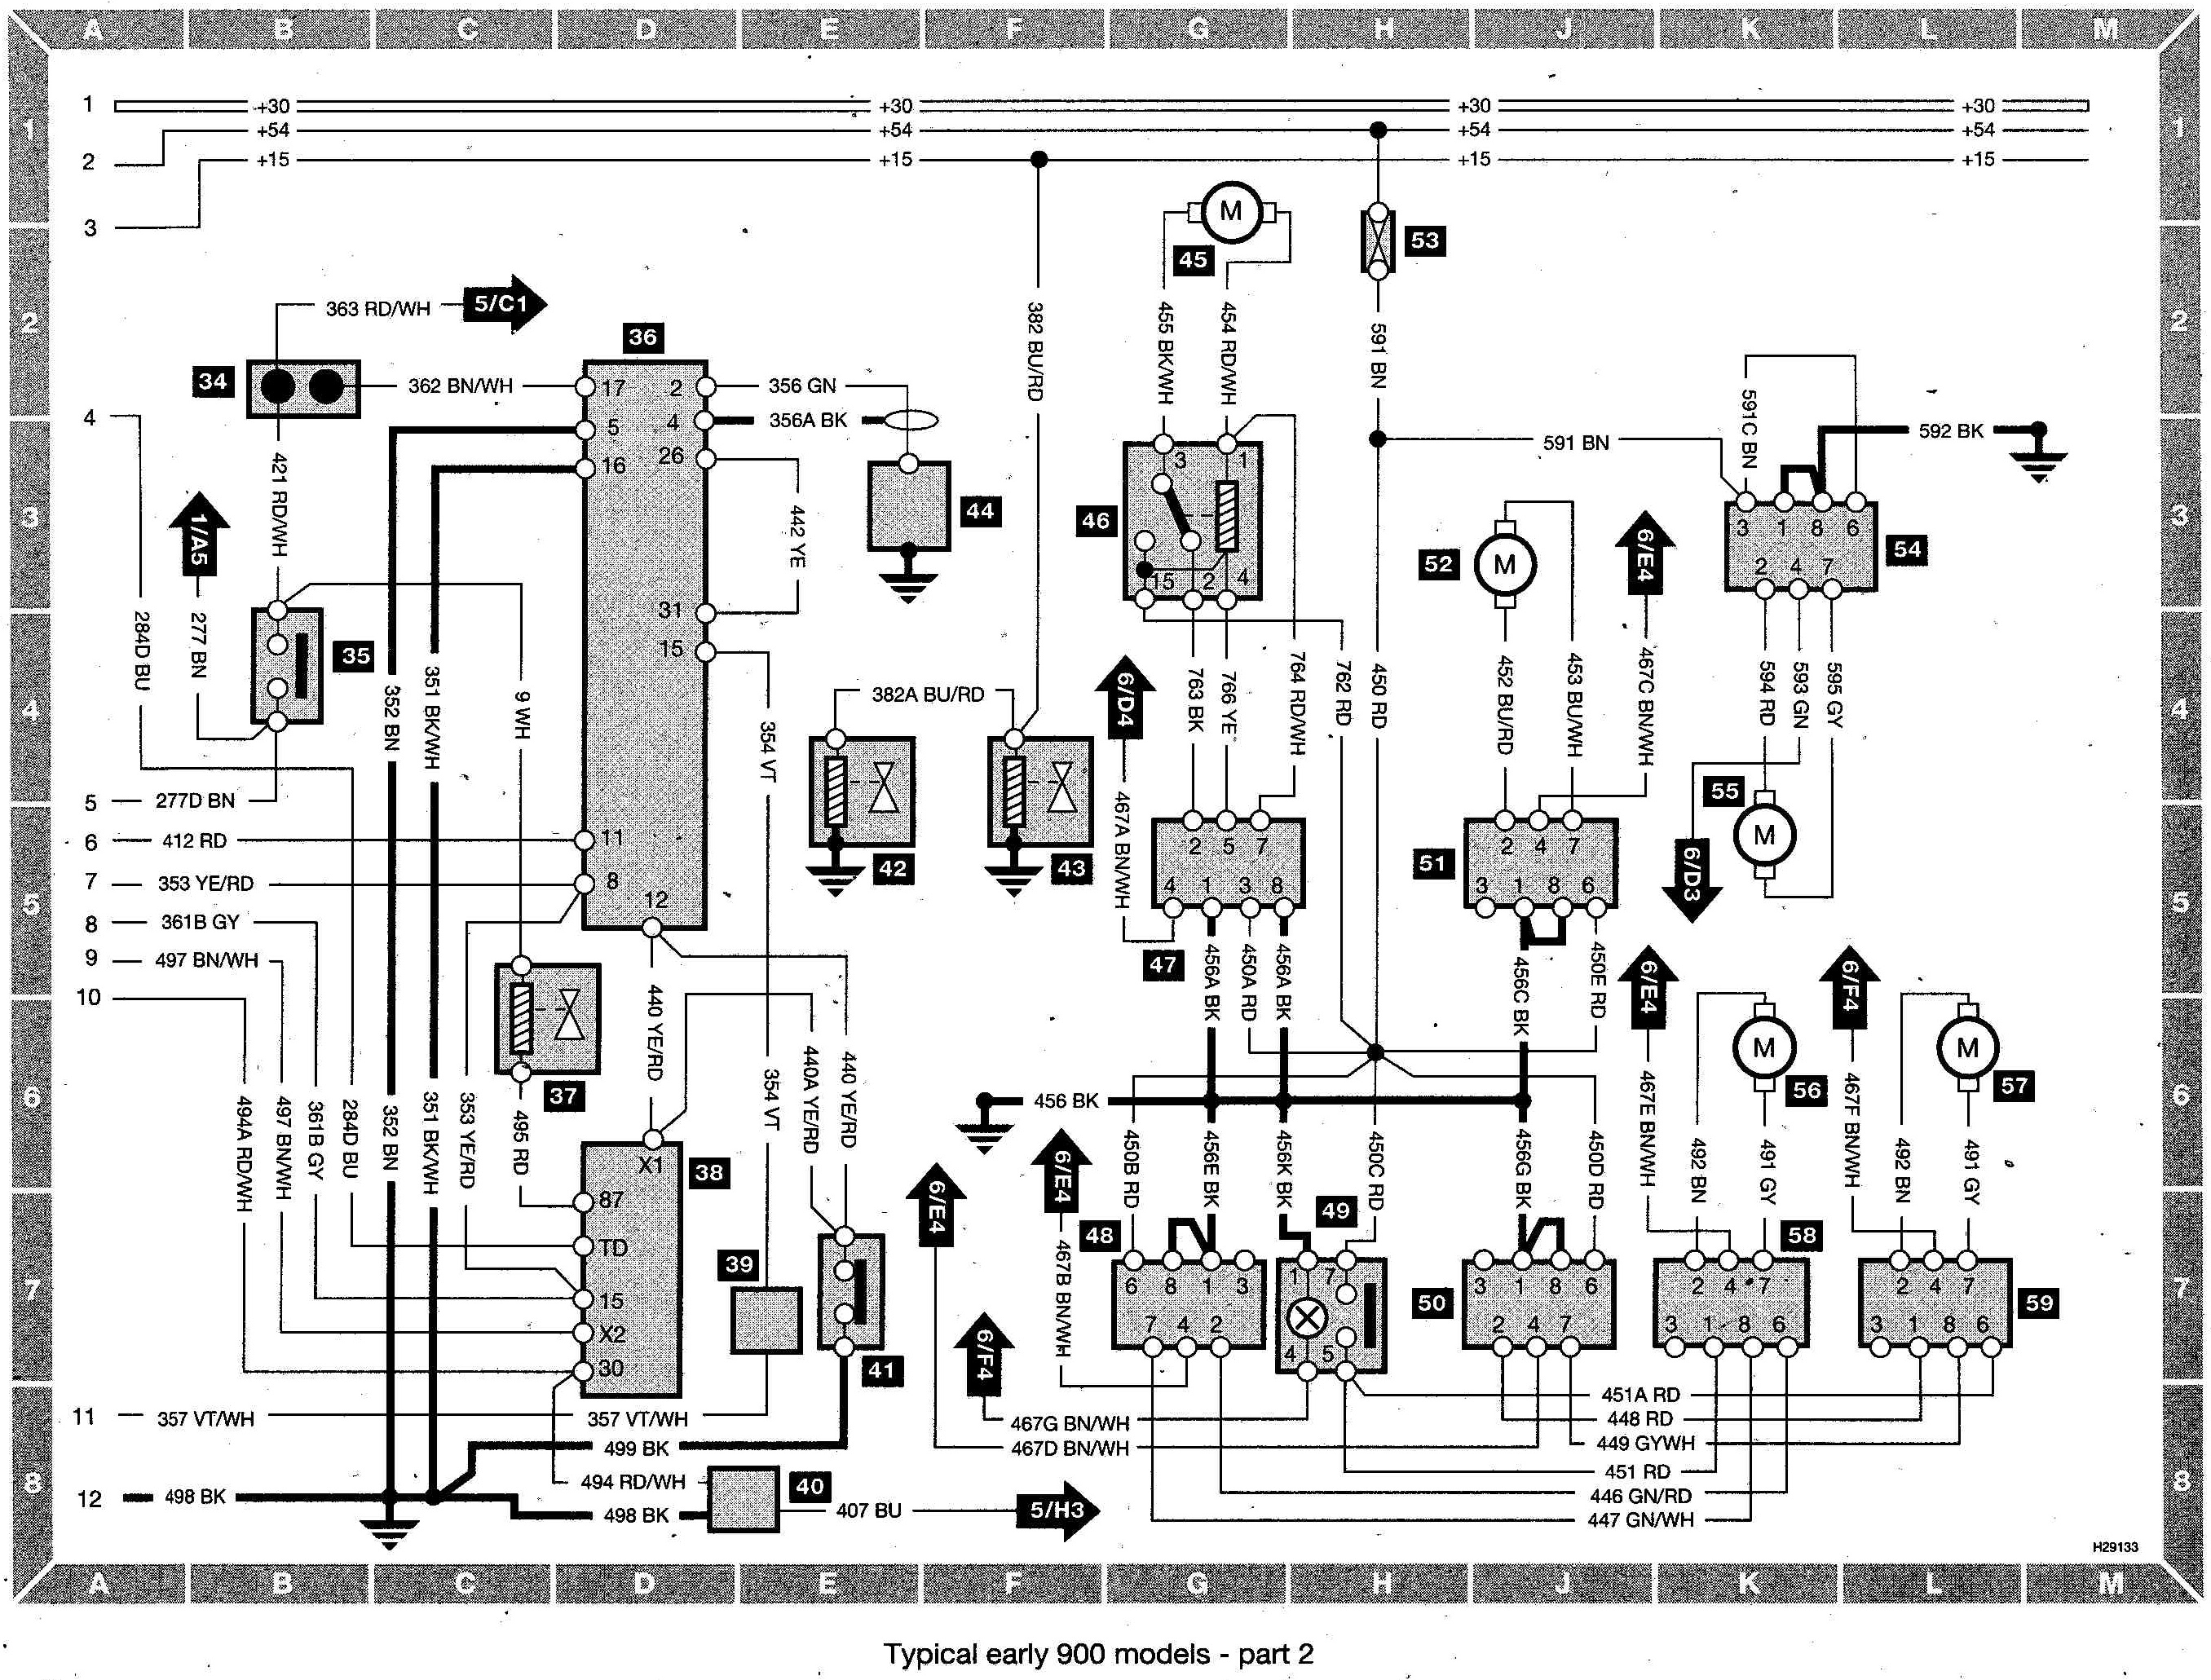 Ford 900 Wiring Diagram - Wiring Diagram Data Oreo - Polaris Ranger Wiring Diagram